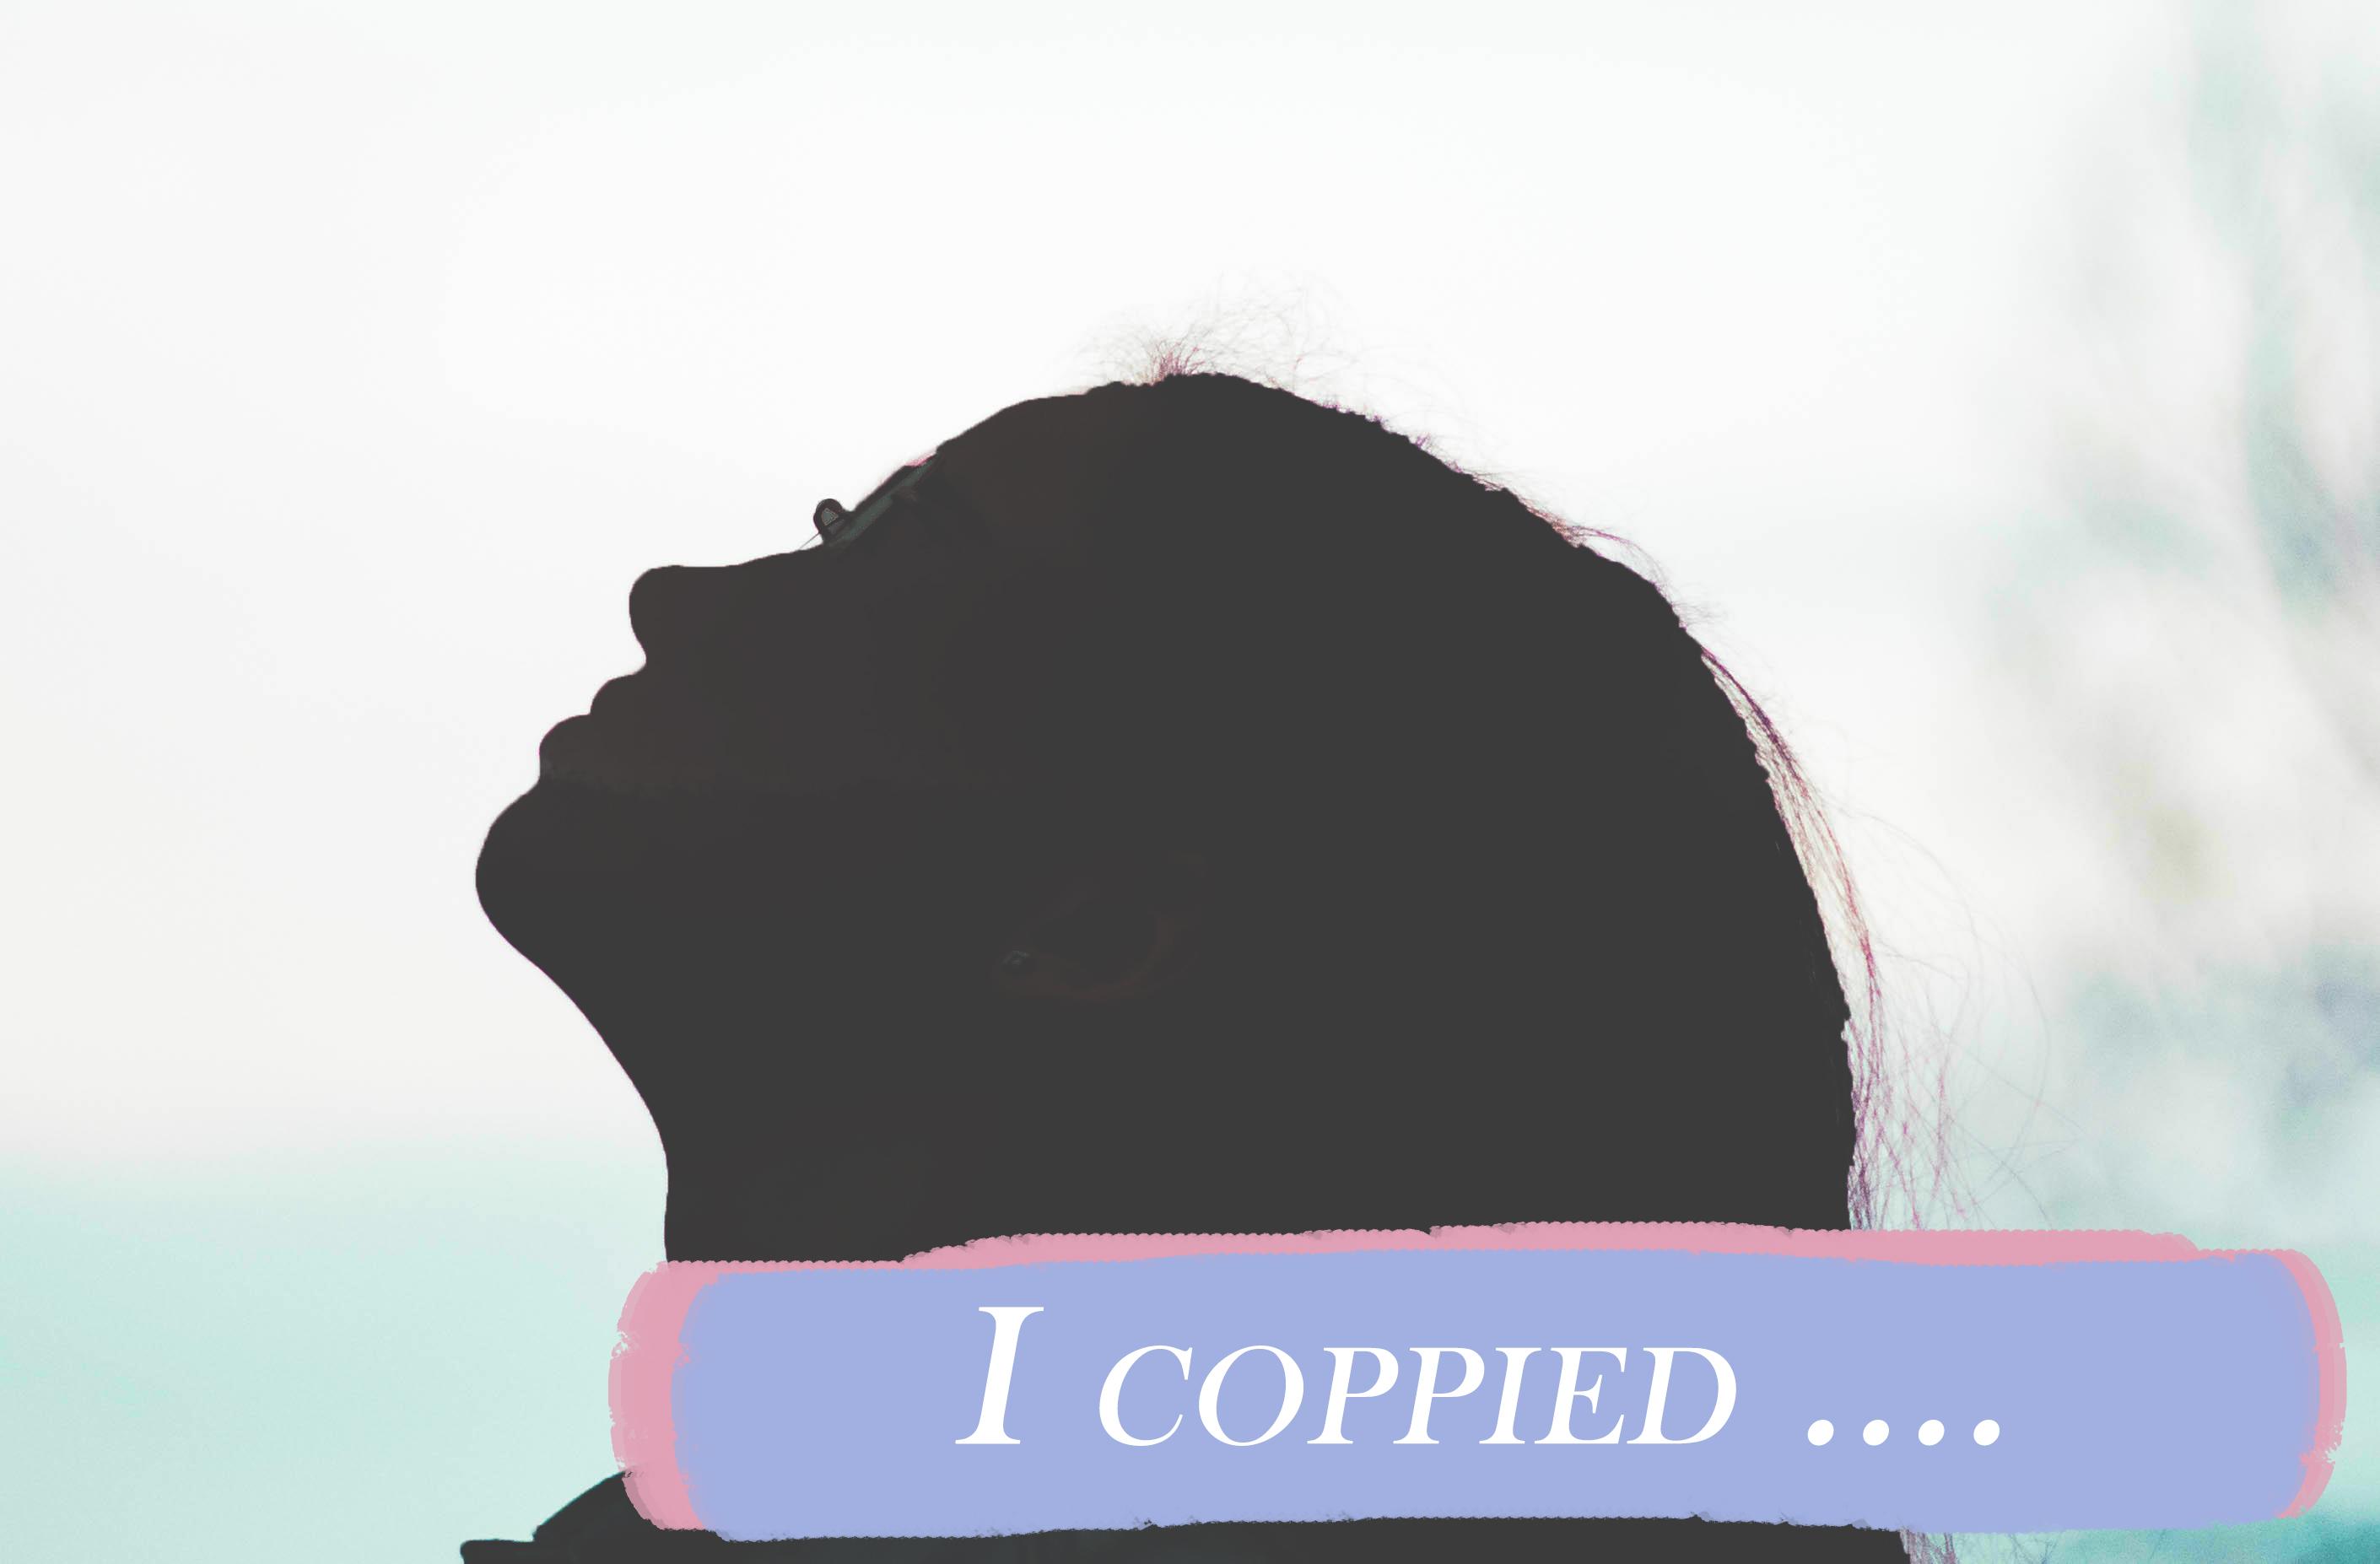 I coppied..